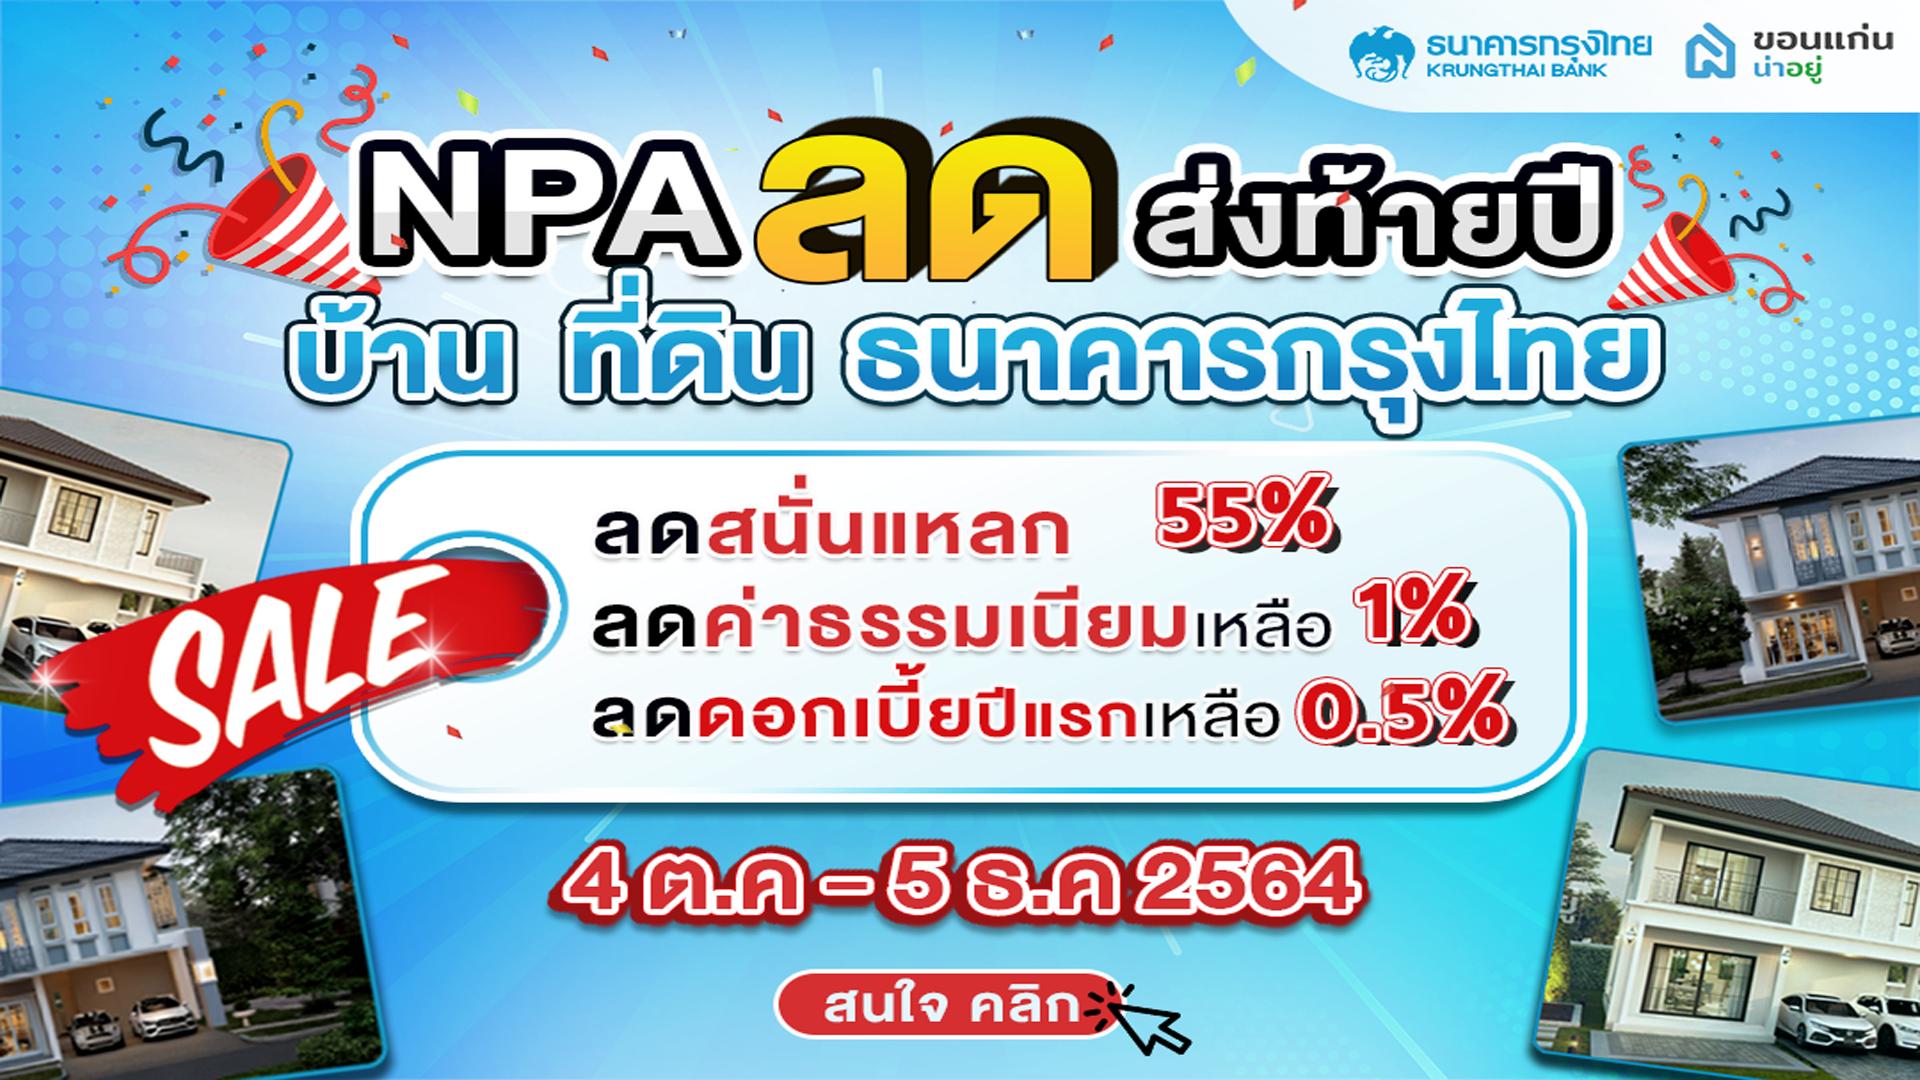 ด่วน!!! ทรัพย์ธนาคารกรุงไทย ลดราคาครั้งยิ่งใหญ่ส่งท้ายปี